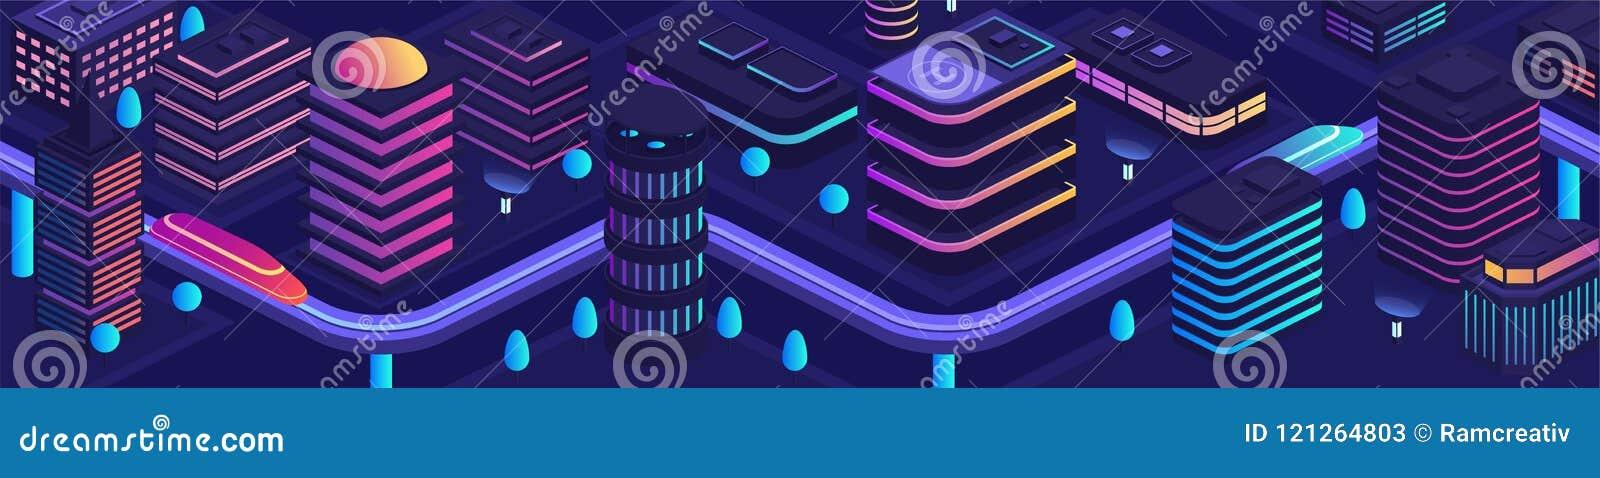 Умный город в футуристическом стиле, город будущего тема иллюстрации делового центра зодчества